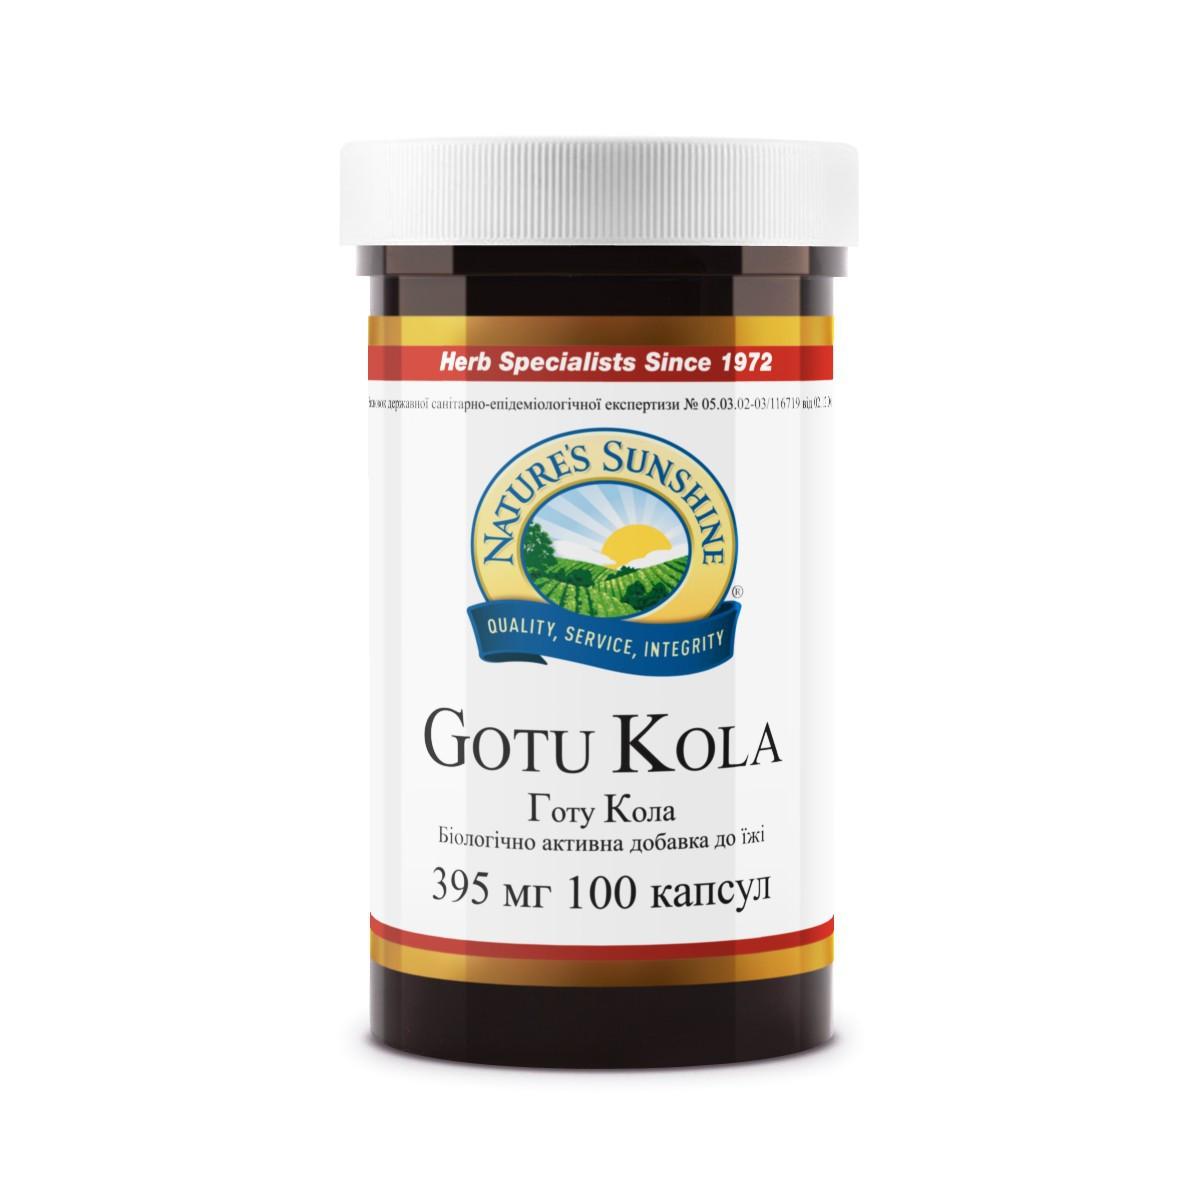 Gotu Kola Готу Кола, NSP, НСП, США. Підвищує розумові здібності, пам'ять, швидкість реакції